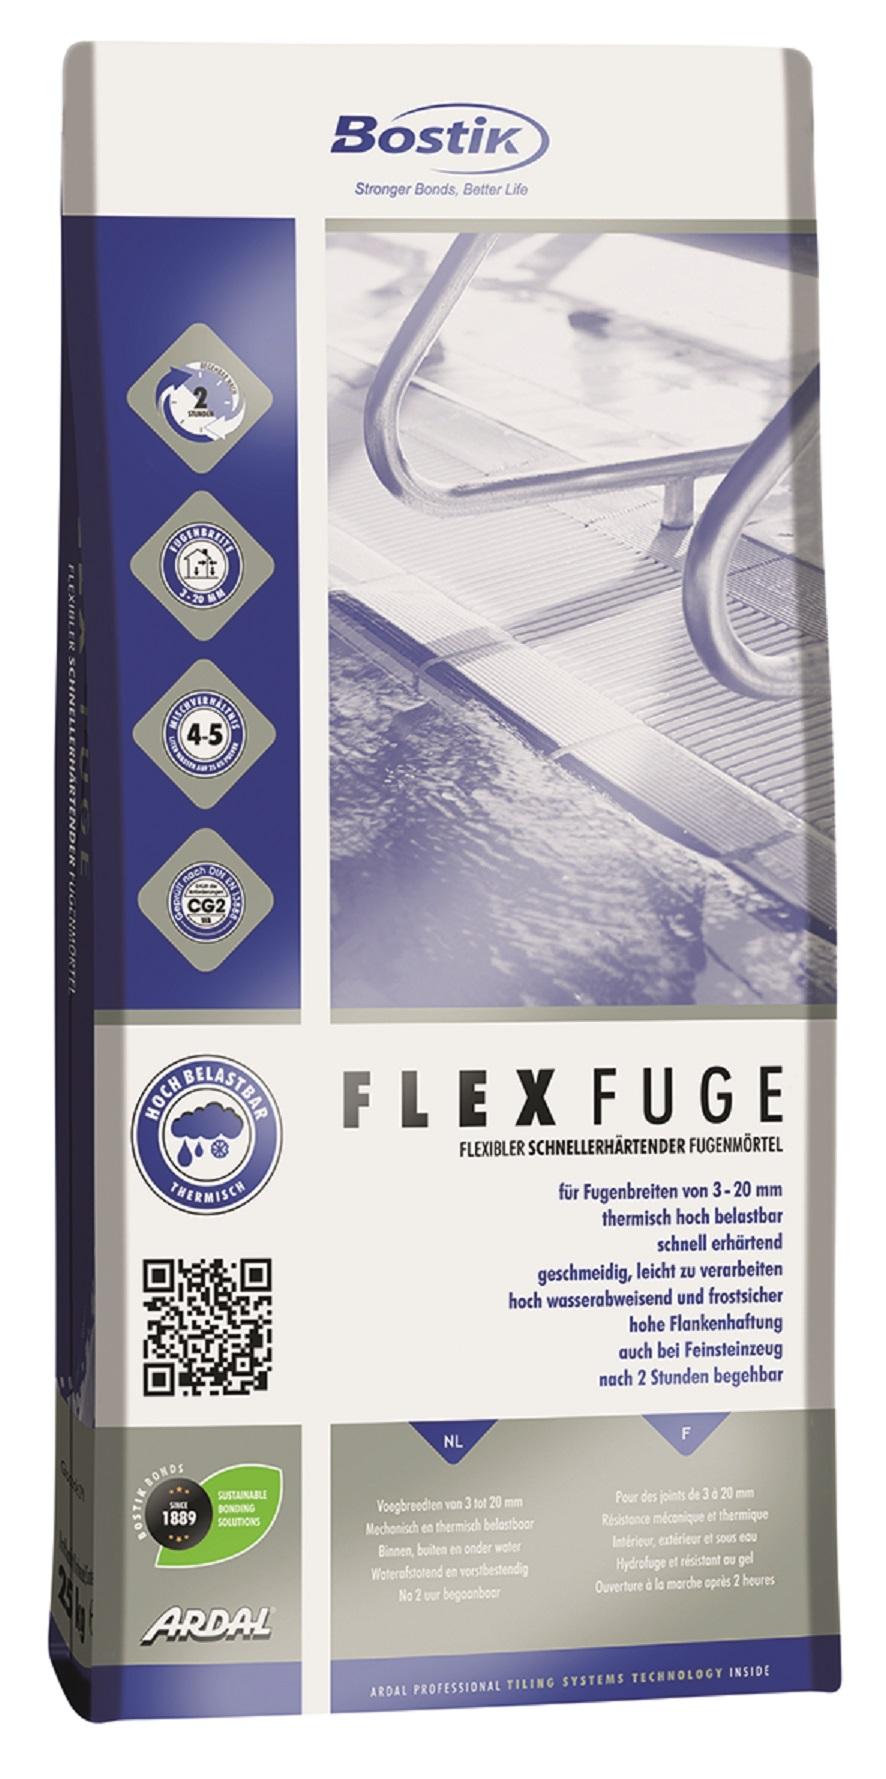 Fugenbreite Feinsteinzeug Myhausdesignco - Fugenbreite bei feinsteinzeug